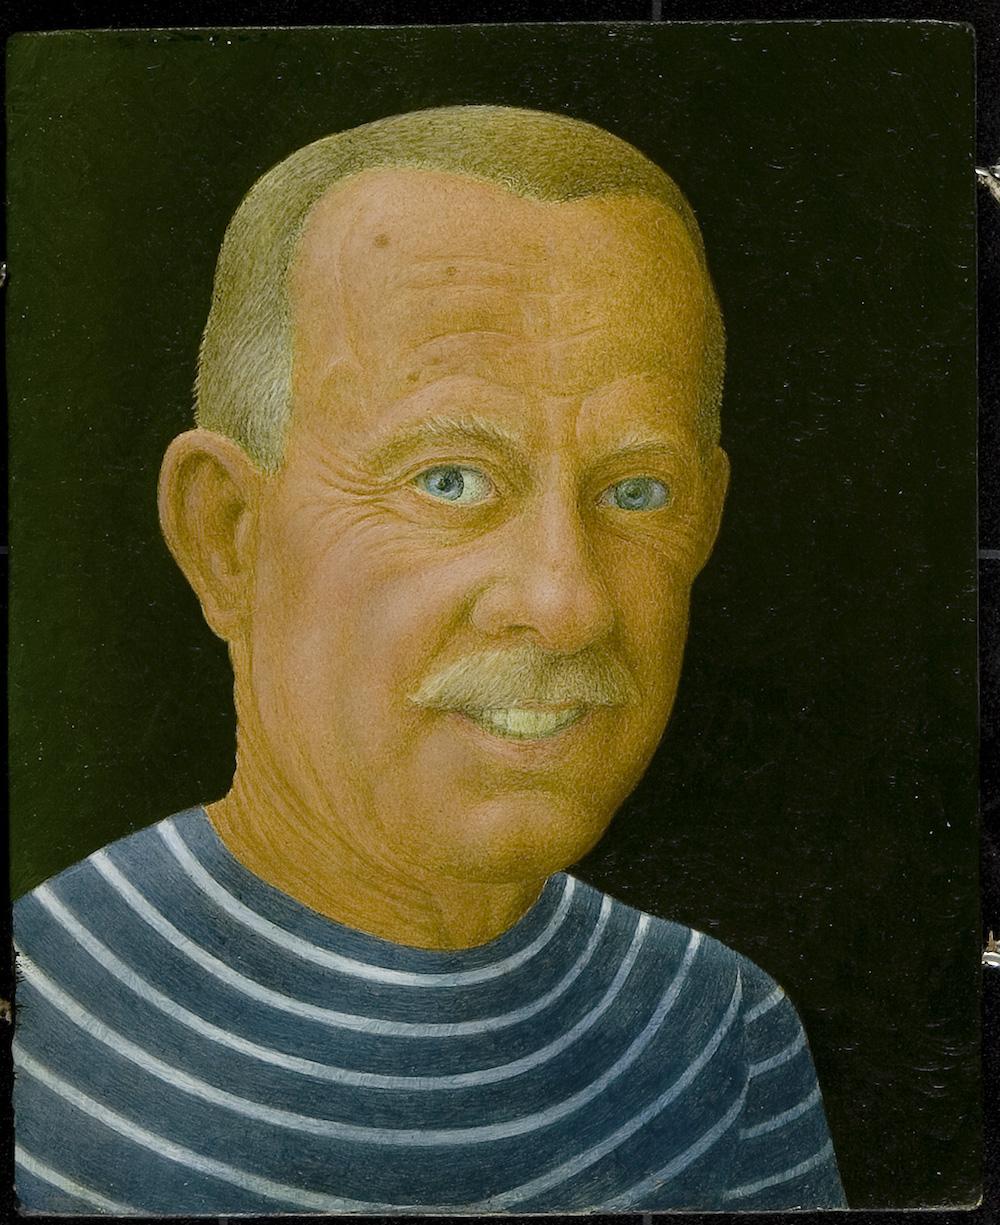 """John Wilde, """"Bemused & Befuddled,"""" 1990. Image courtesy Chazen Museum of Art."""